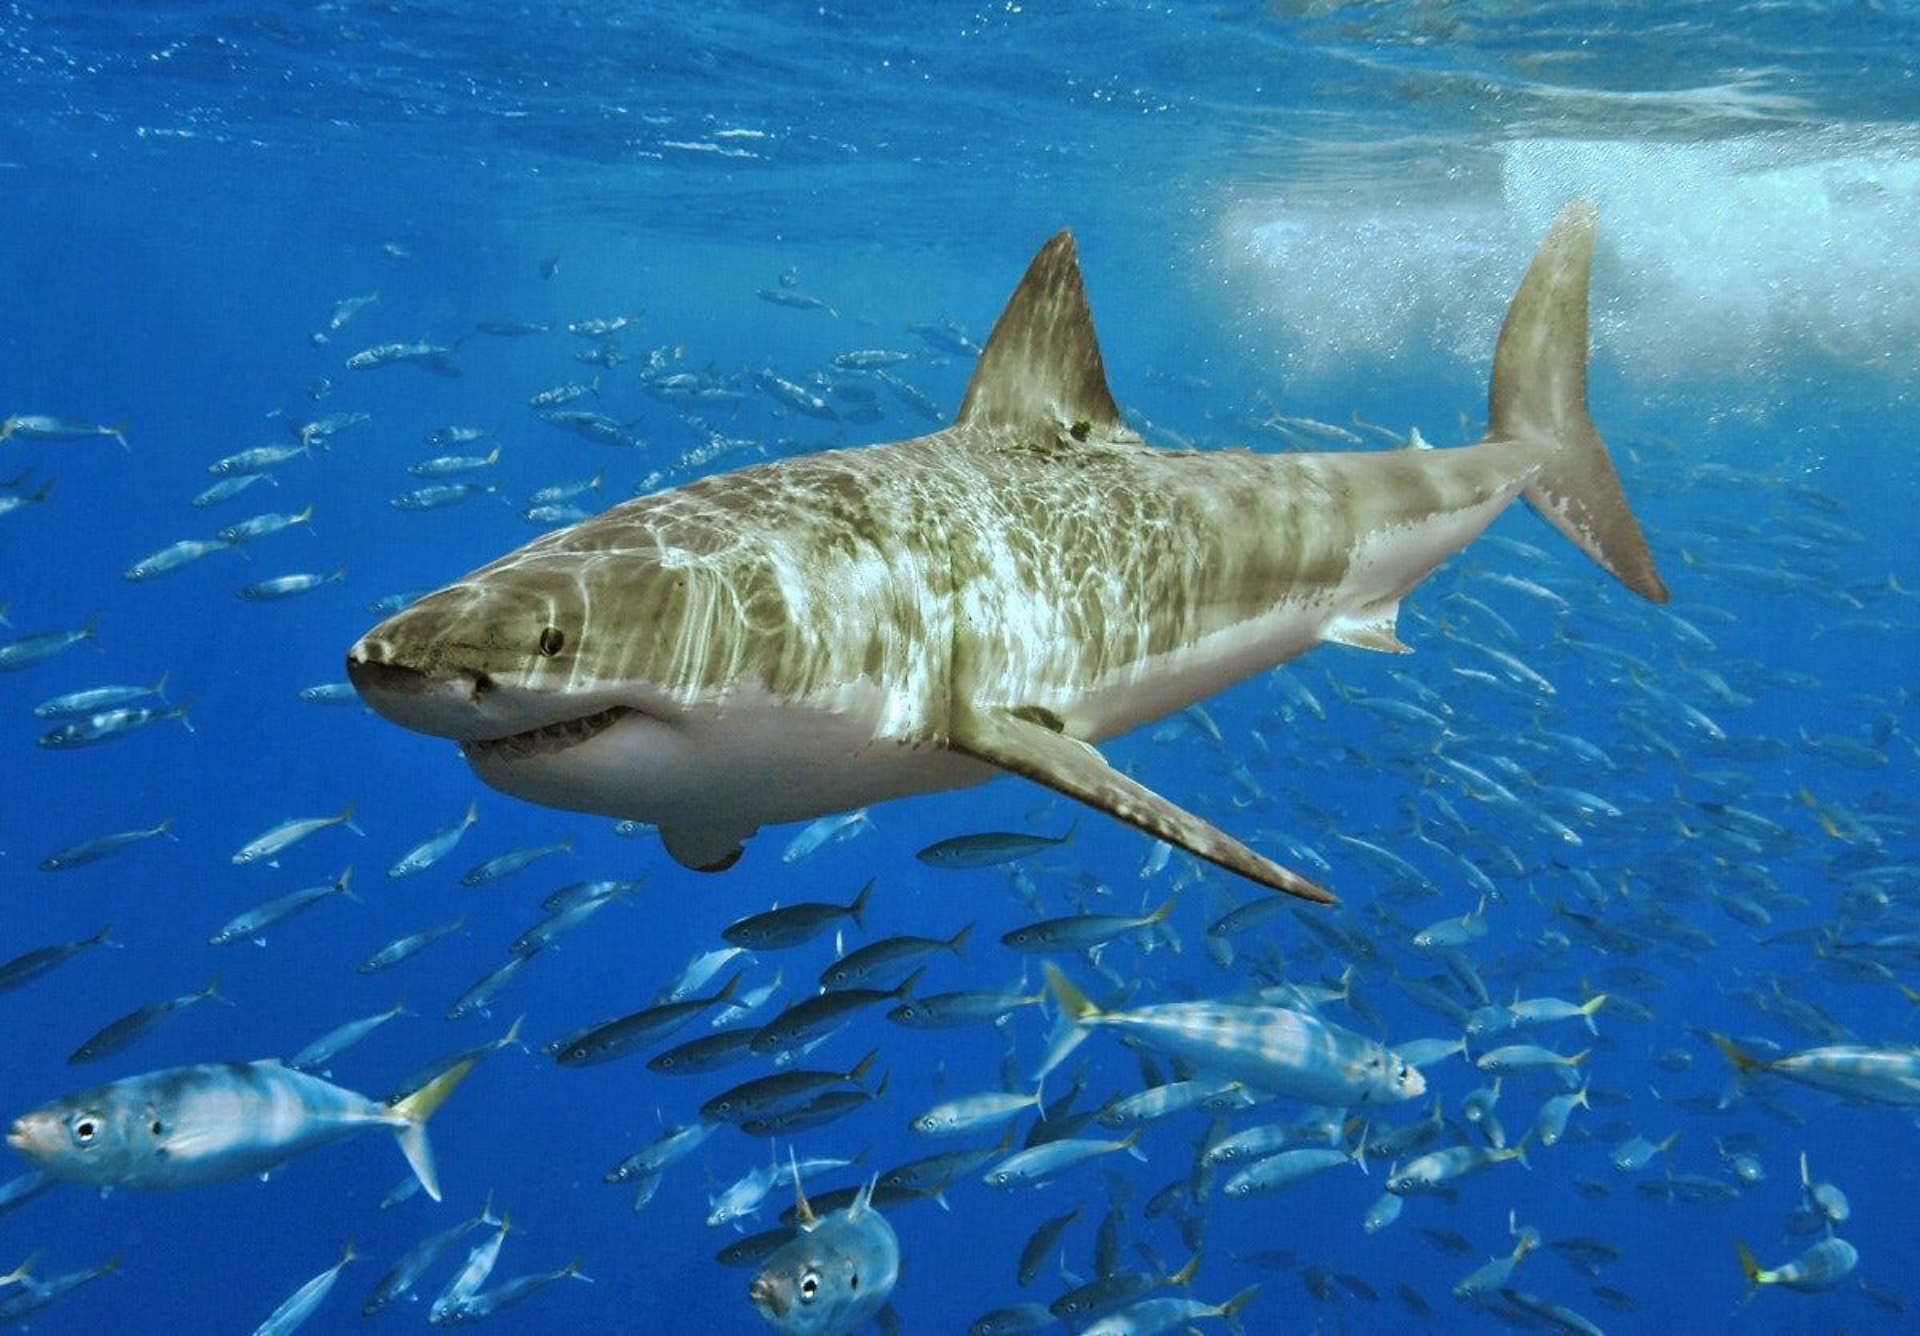 persuasive essay shark culling